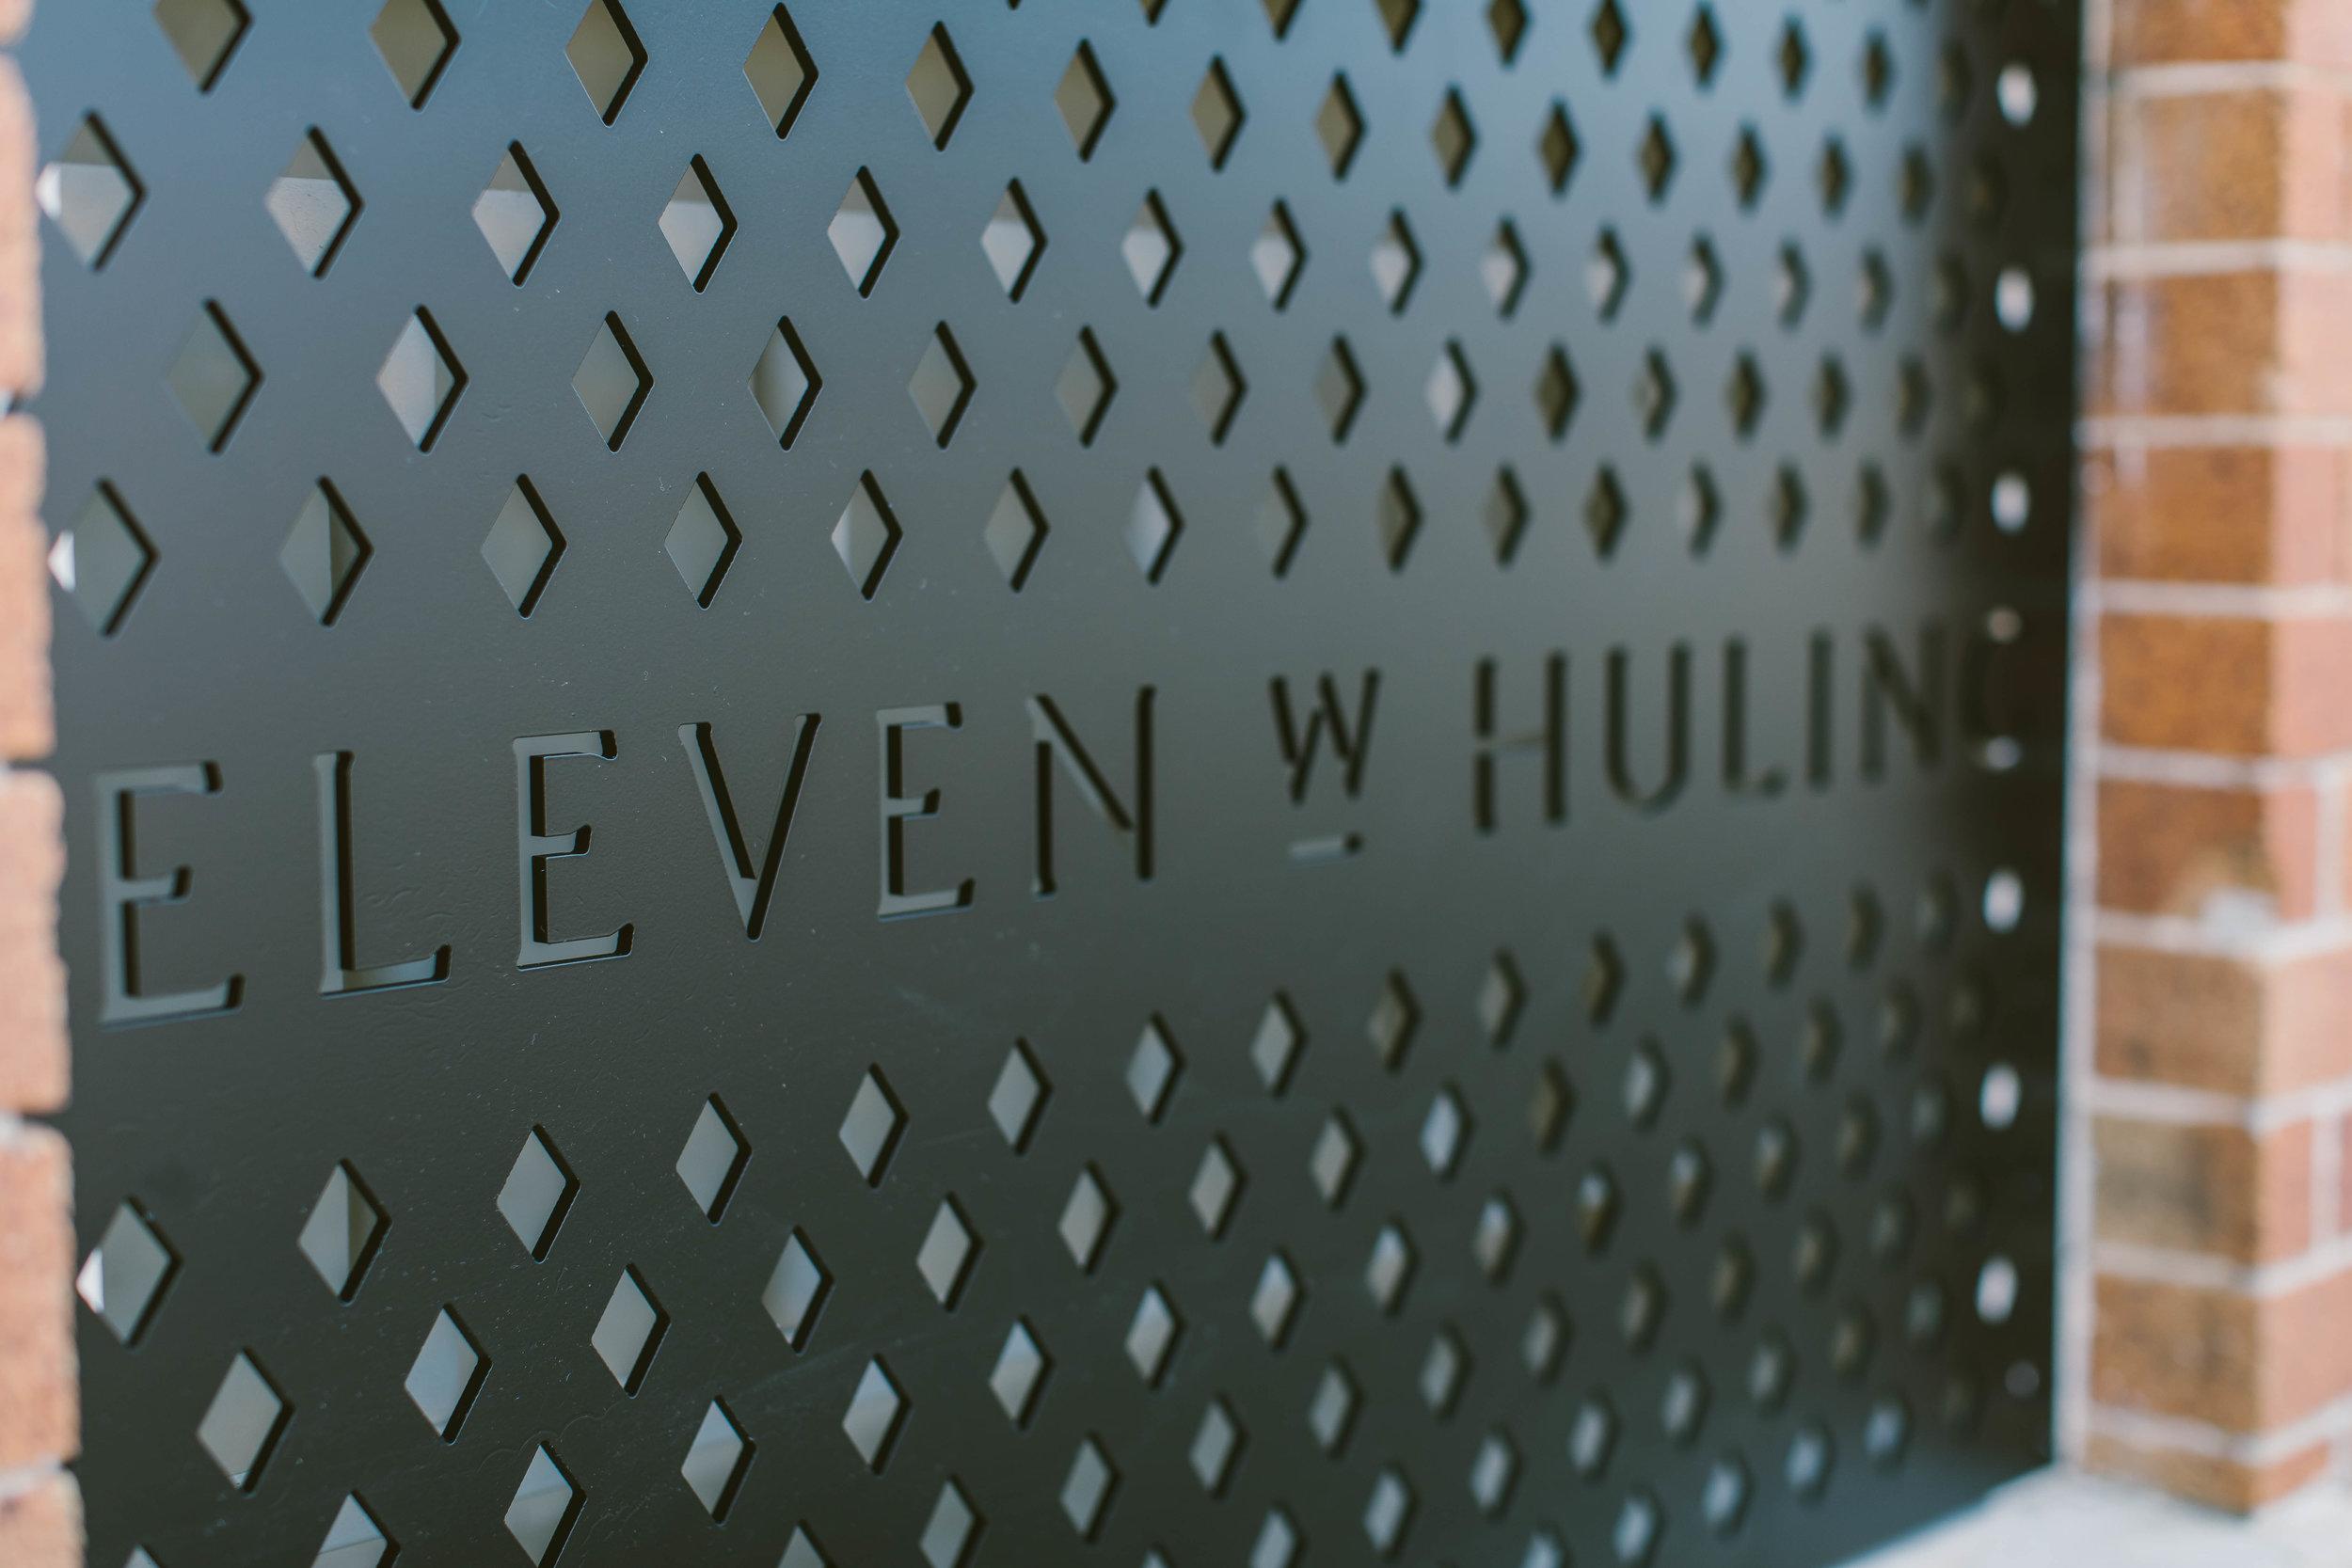 Huling-9.jpg